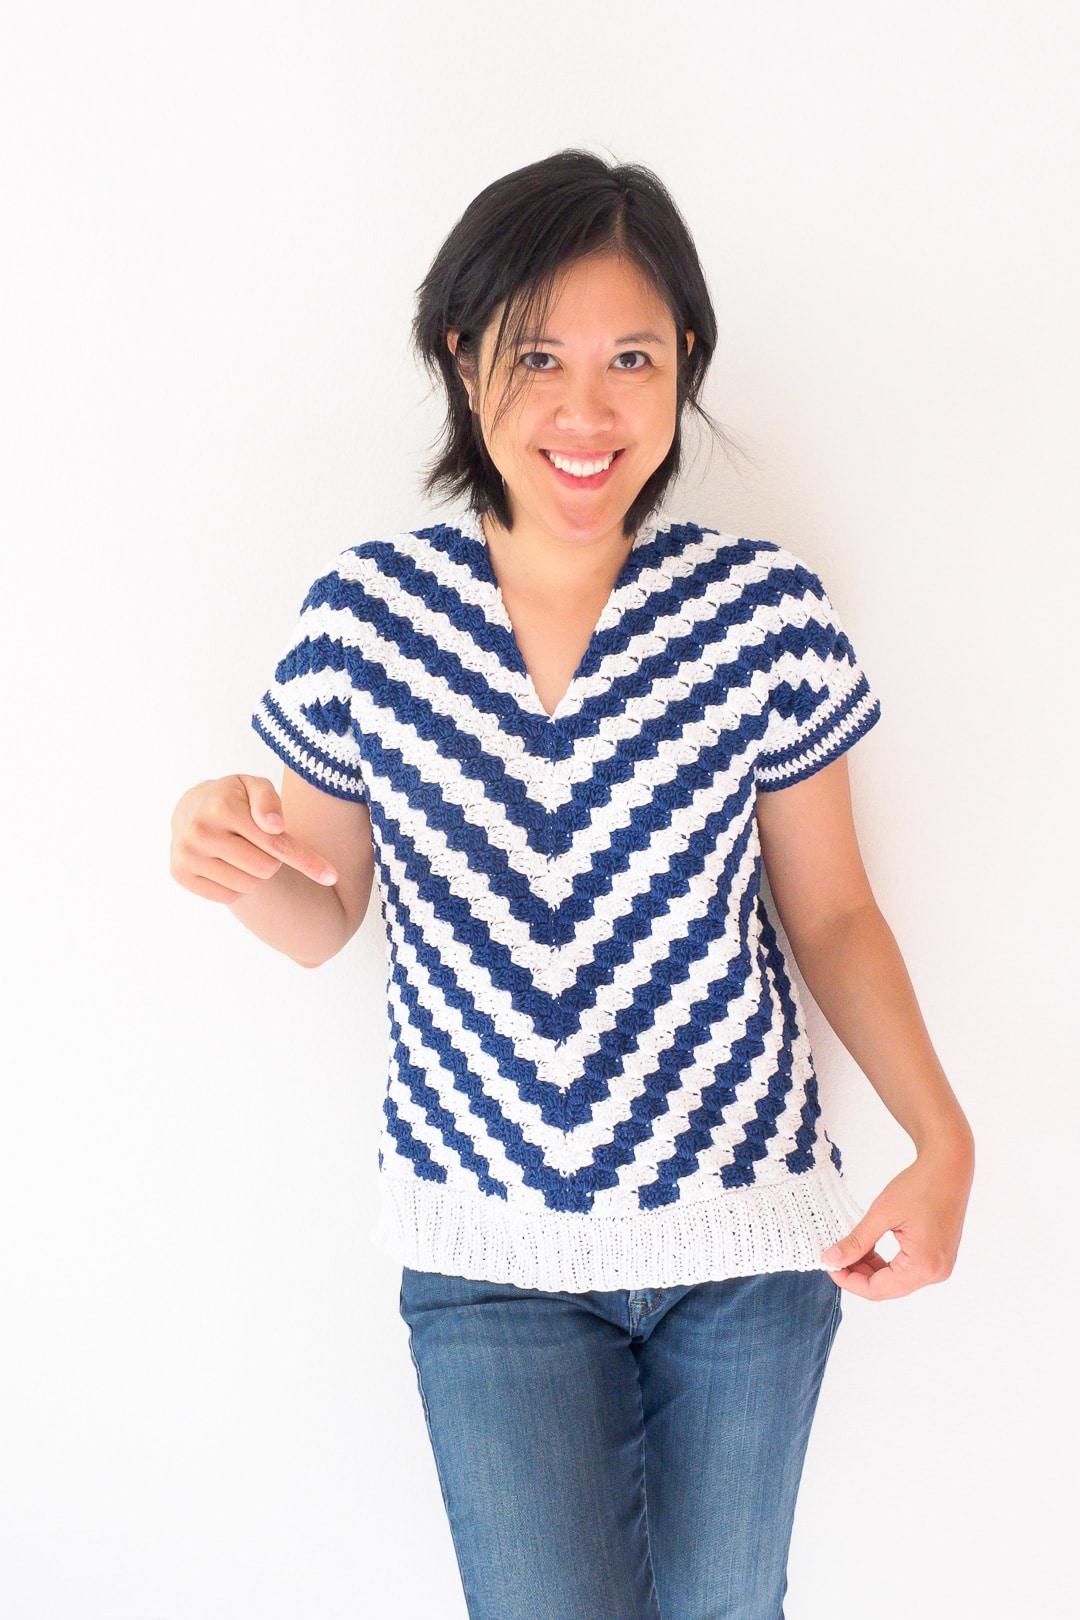 Diagonals for Days C2C Crochet Top